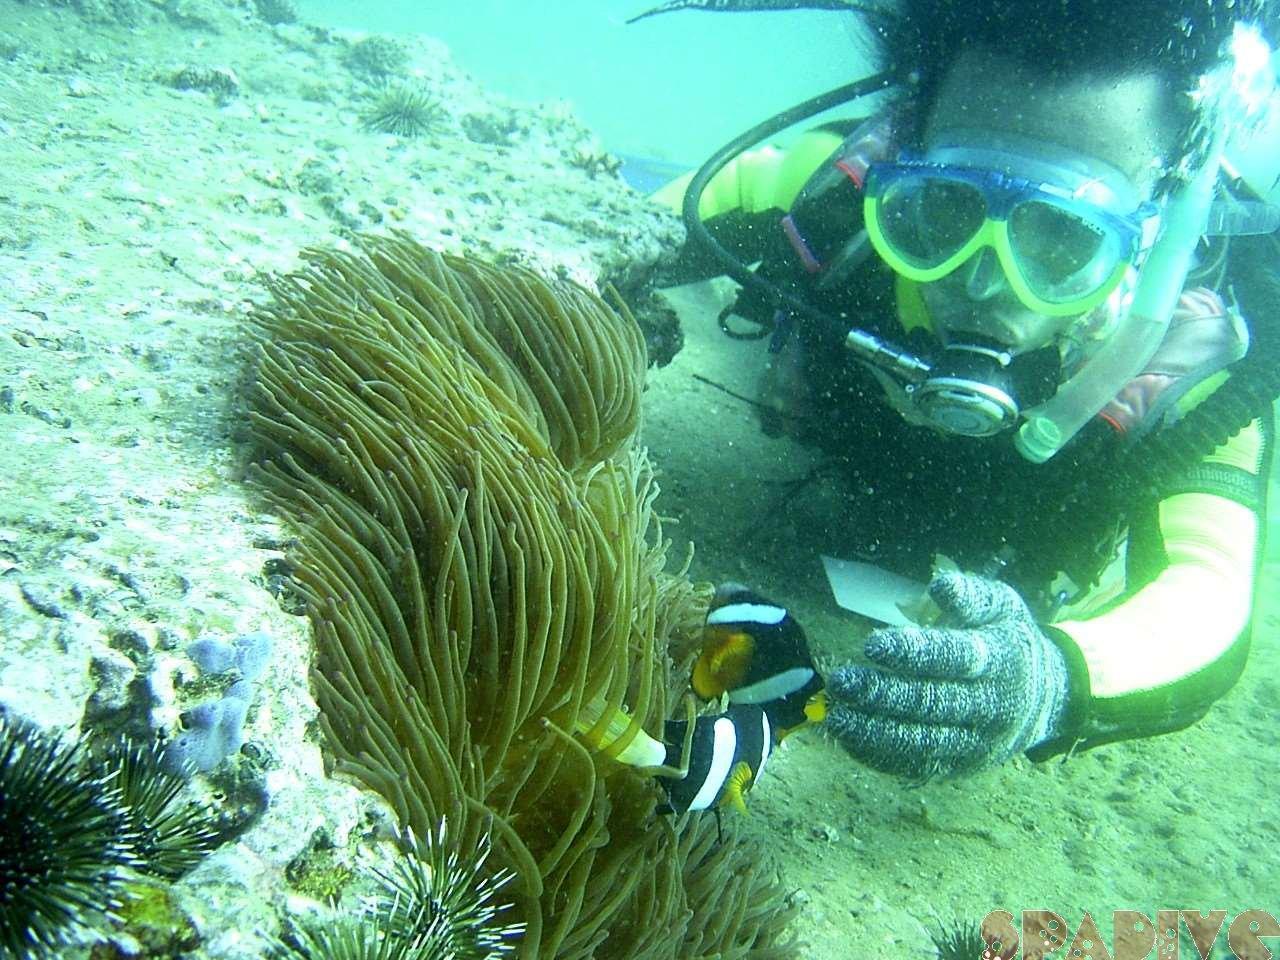 2004年11月撮影海フォトギャラリー|南紀白浜スパダイブ